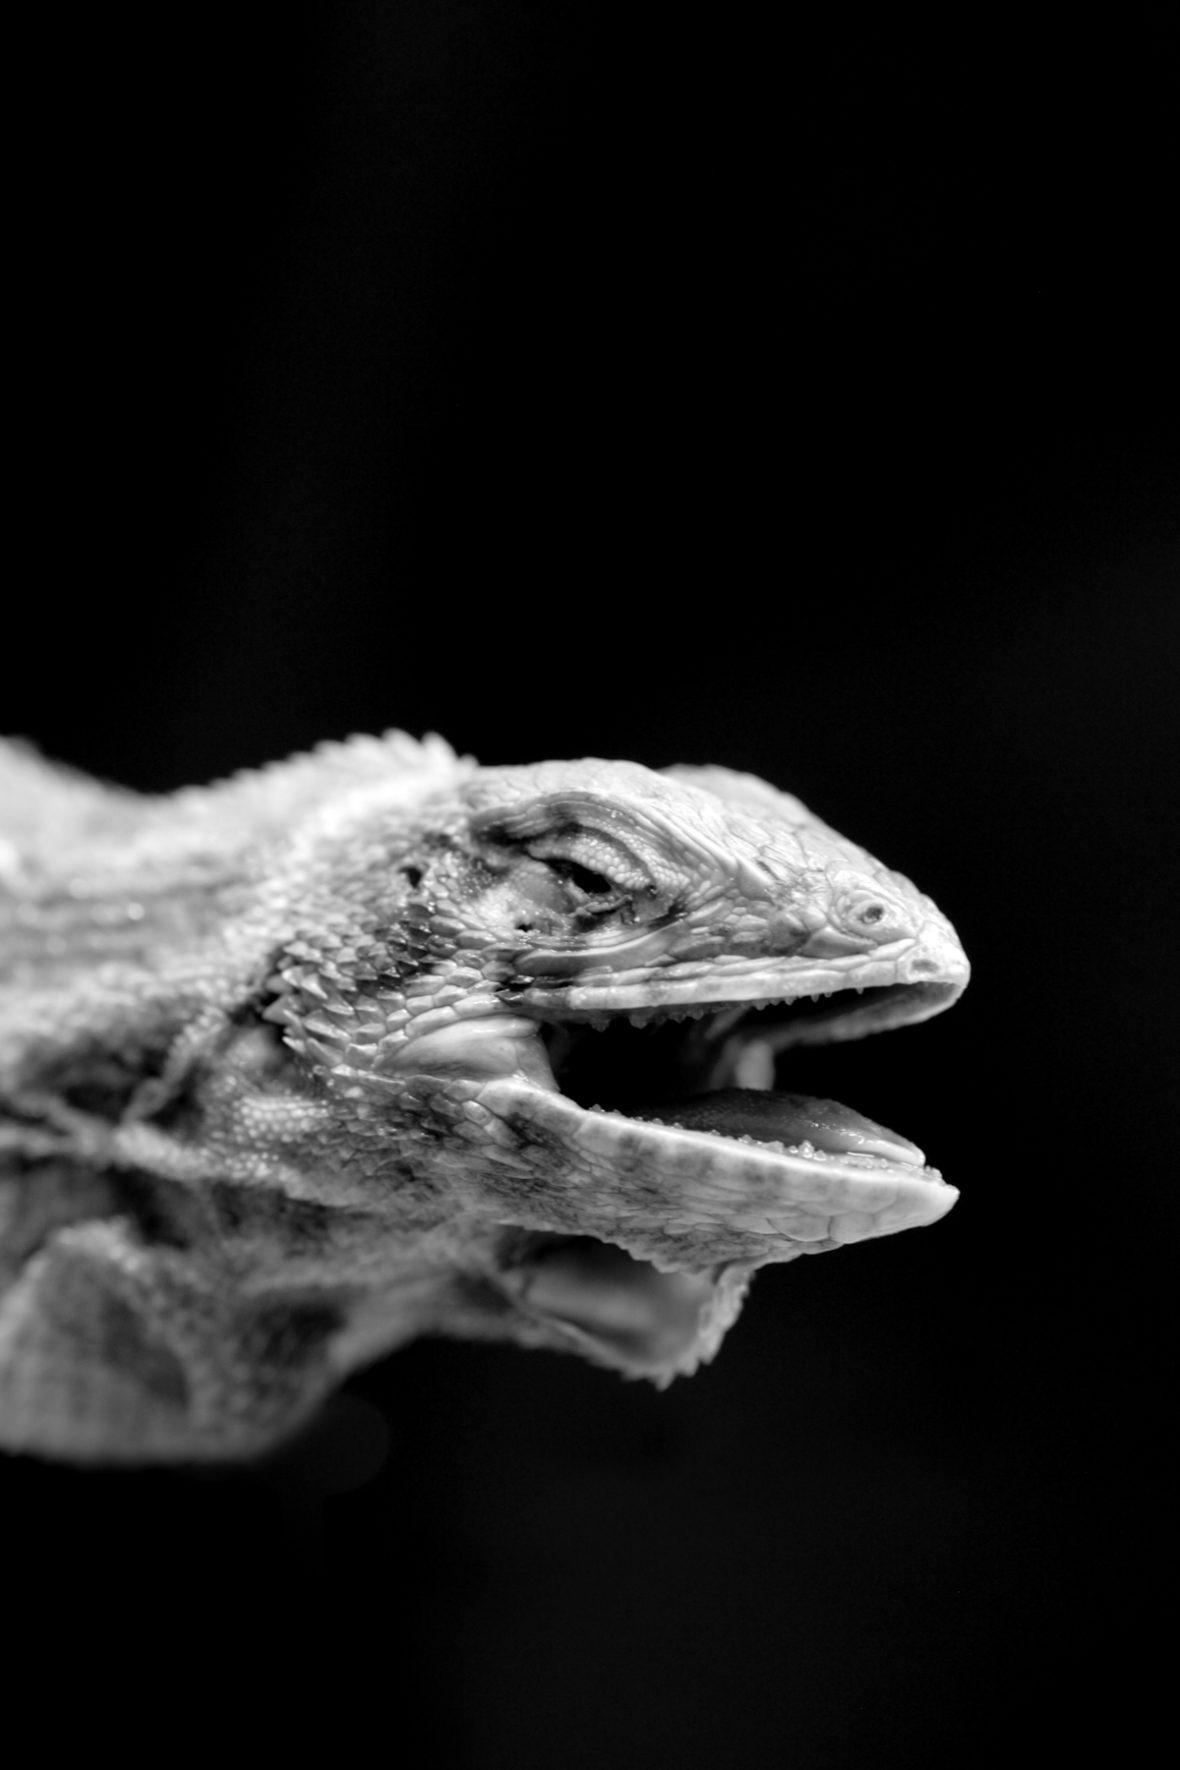 Leiocephalus herminieri ist eine ausgestorbene Echsenart aus der Familie der Glattkopfleguane. Benannt ist sie nach dem französischen Naturforscher Félix Louis L'Herminier. Es gibt fünf Museumsexemplare, von denen drei in Paris, eines in London und ein weiteres in Leiden aufbewahrt werden. Lebensweise, Aussterbeursachen und genauer Zeitpunkt des Aussterbens von Leiocephalus herminieri sind unbekannt.